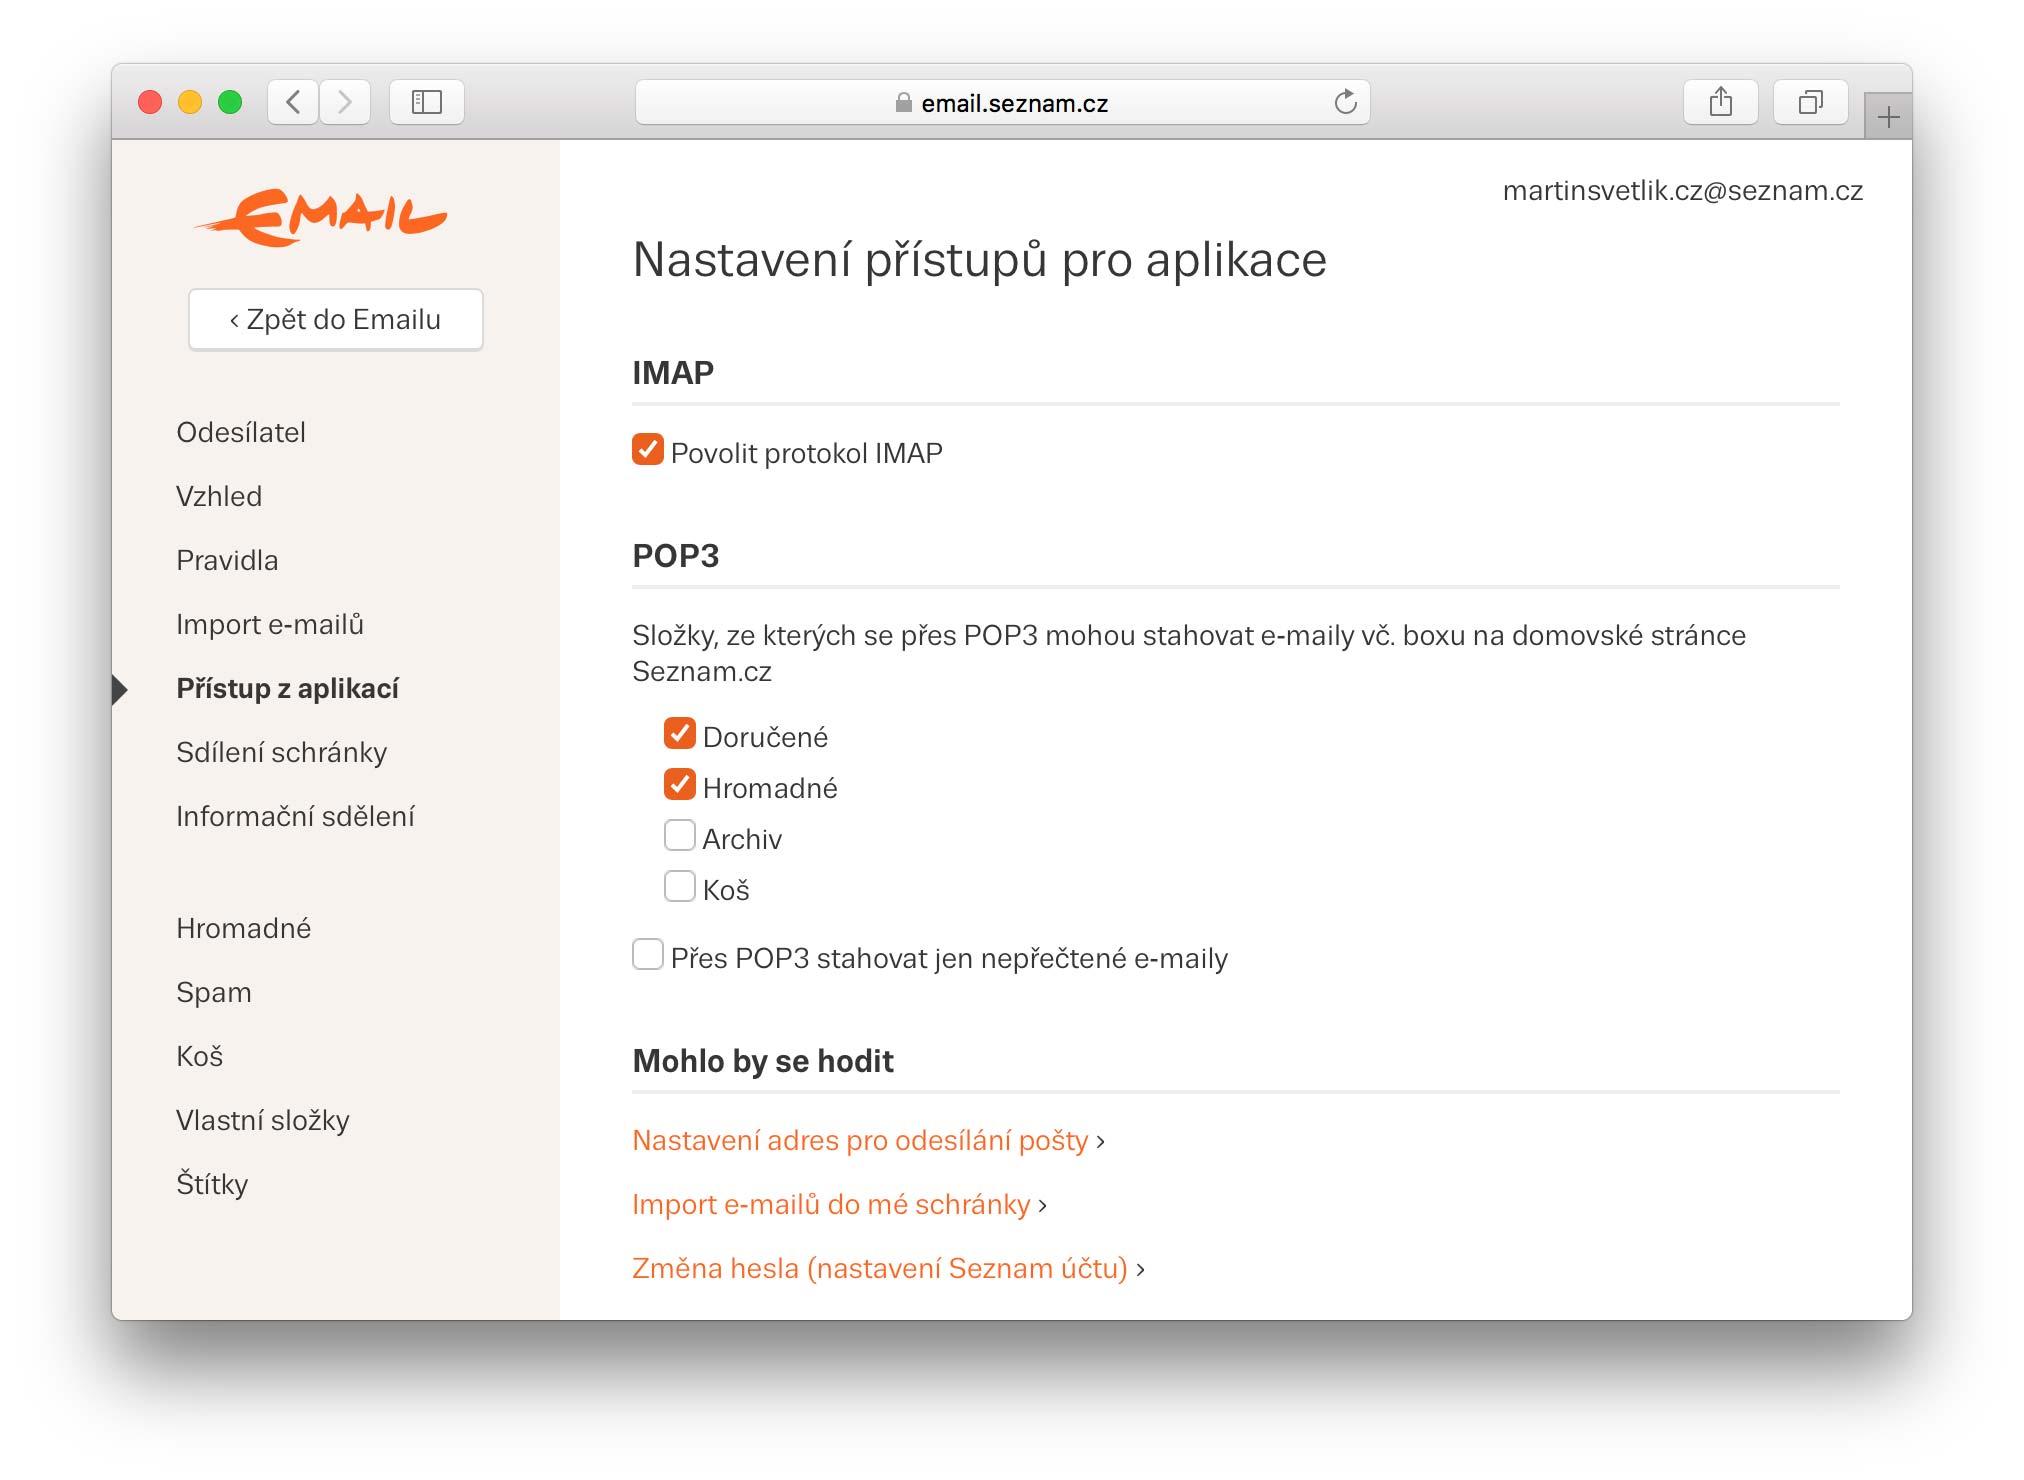 Povolení protokolu IMAP na Seznam.cz